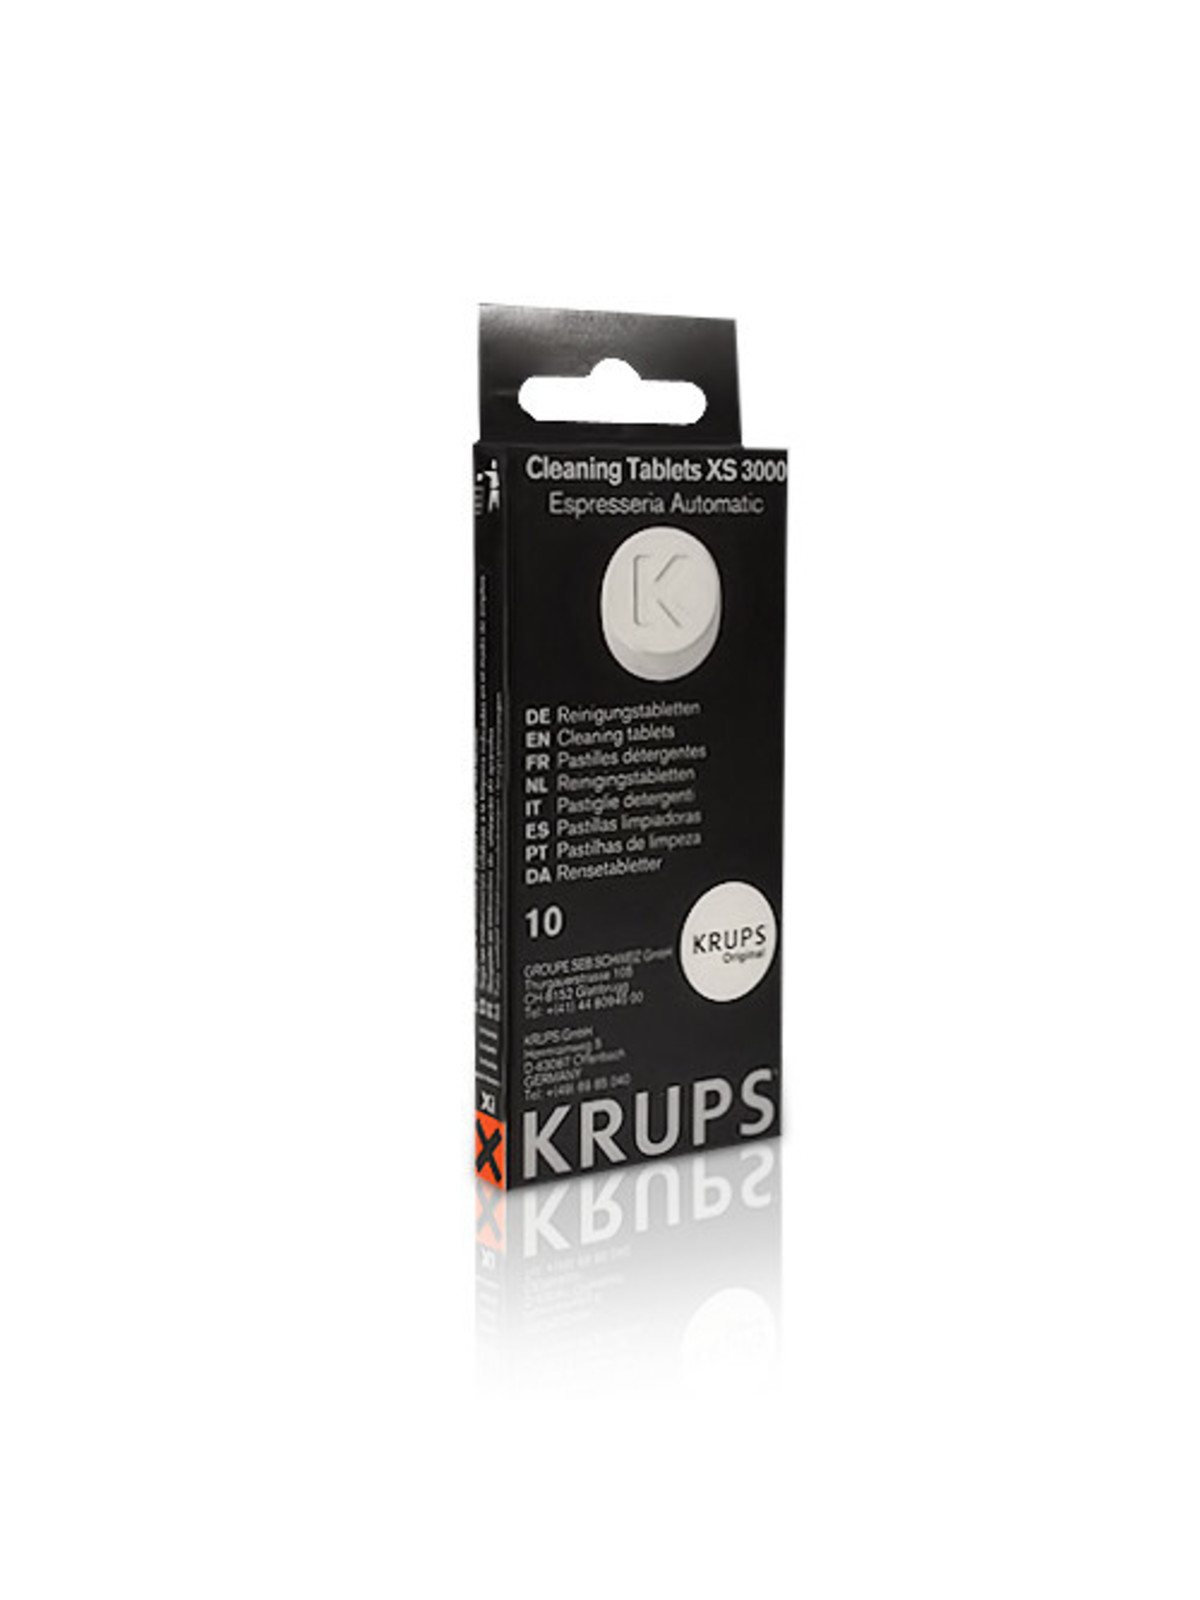 KRUPS Reinigingstabletten XS3000 - 10 stuks